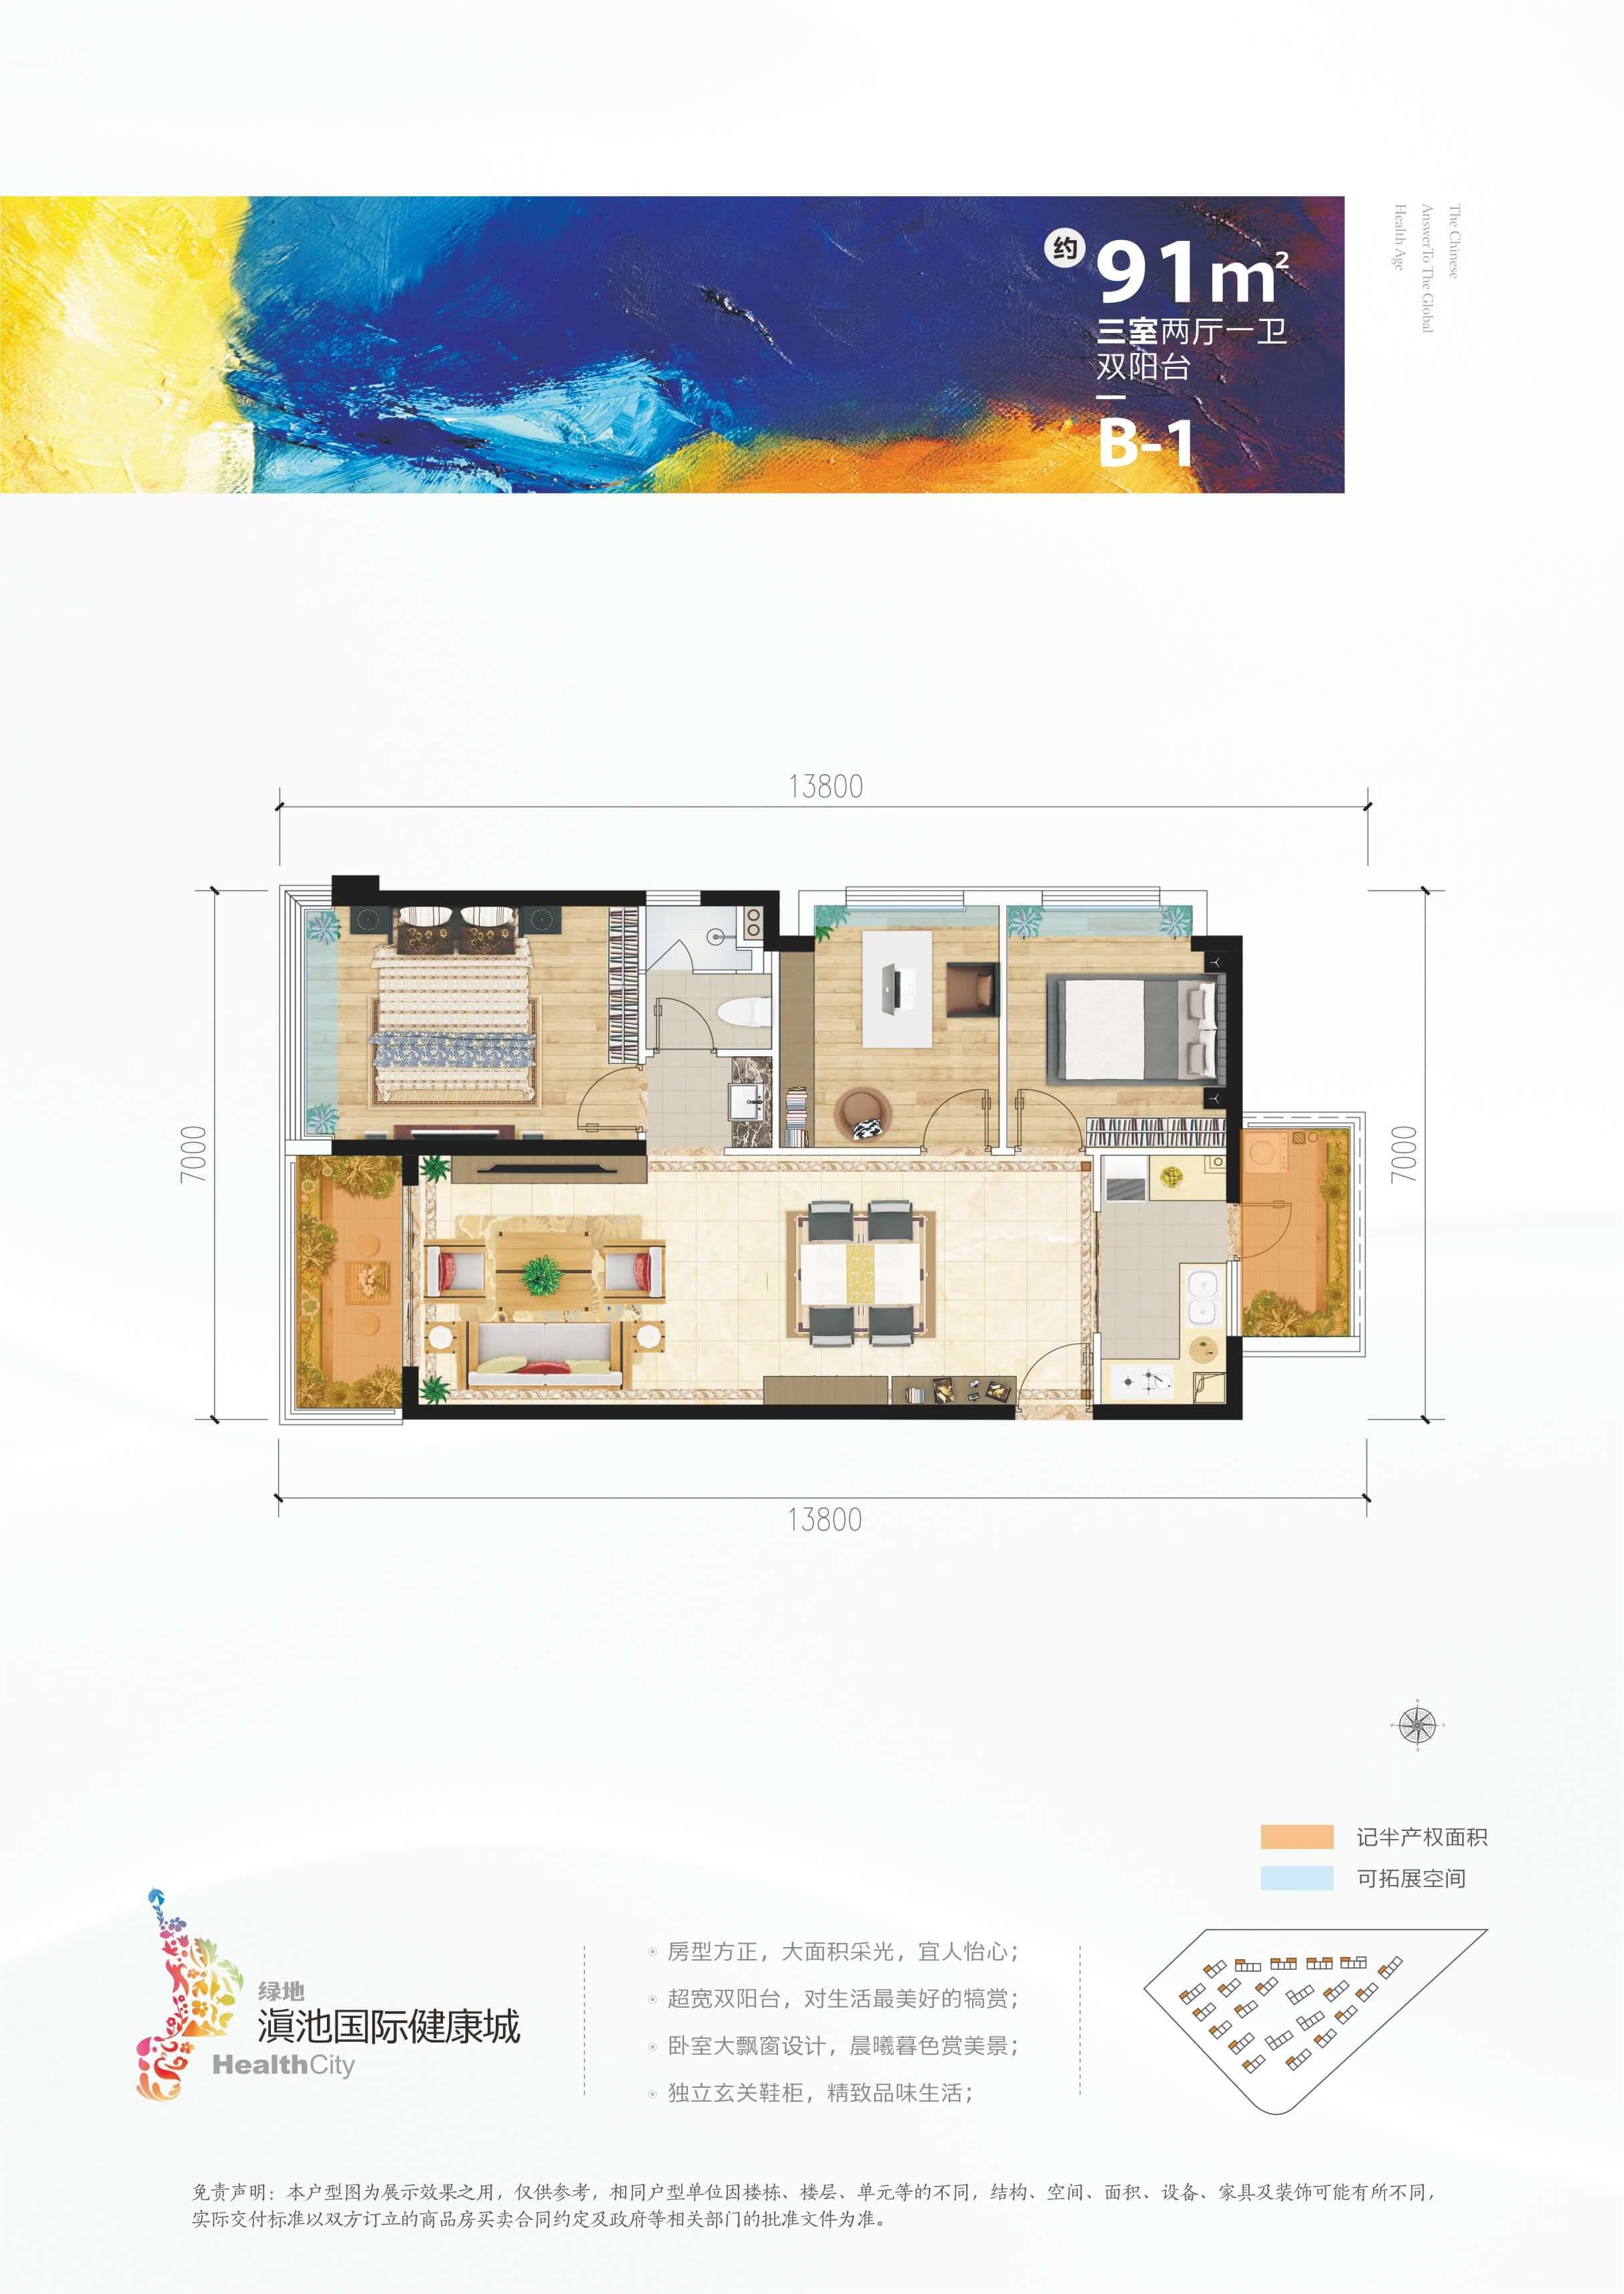 健康城B-1 3室2厅1卫 建面:91㎡